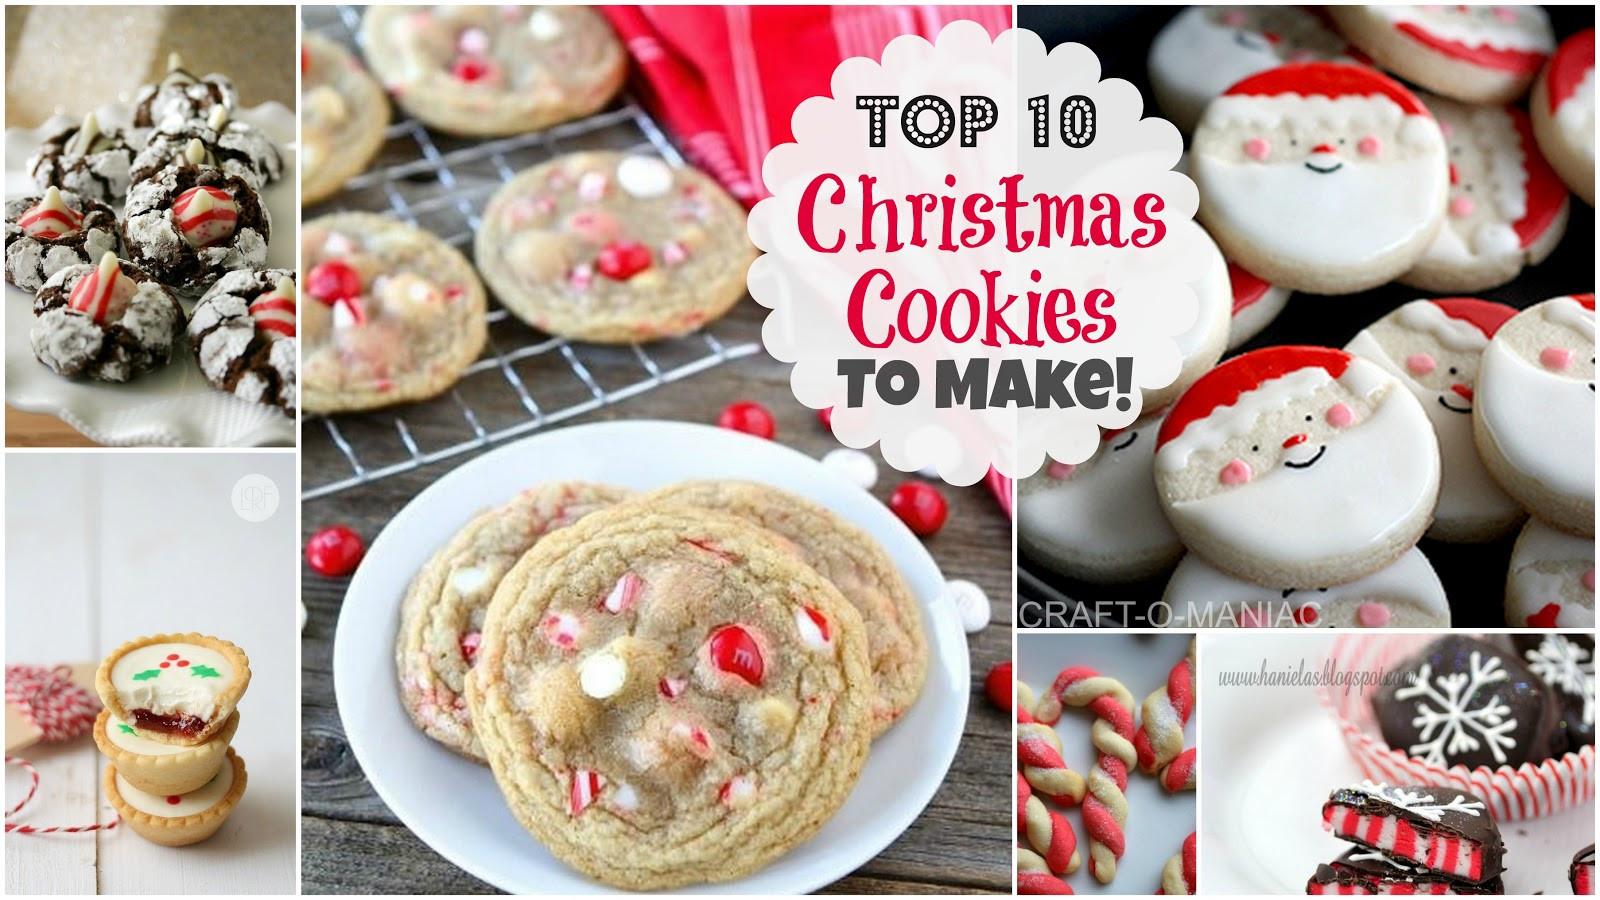 Top 10 Christmas Cookies  Top 10 Christmas Cookies to Make Craft O Maniac